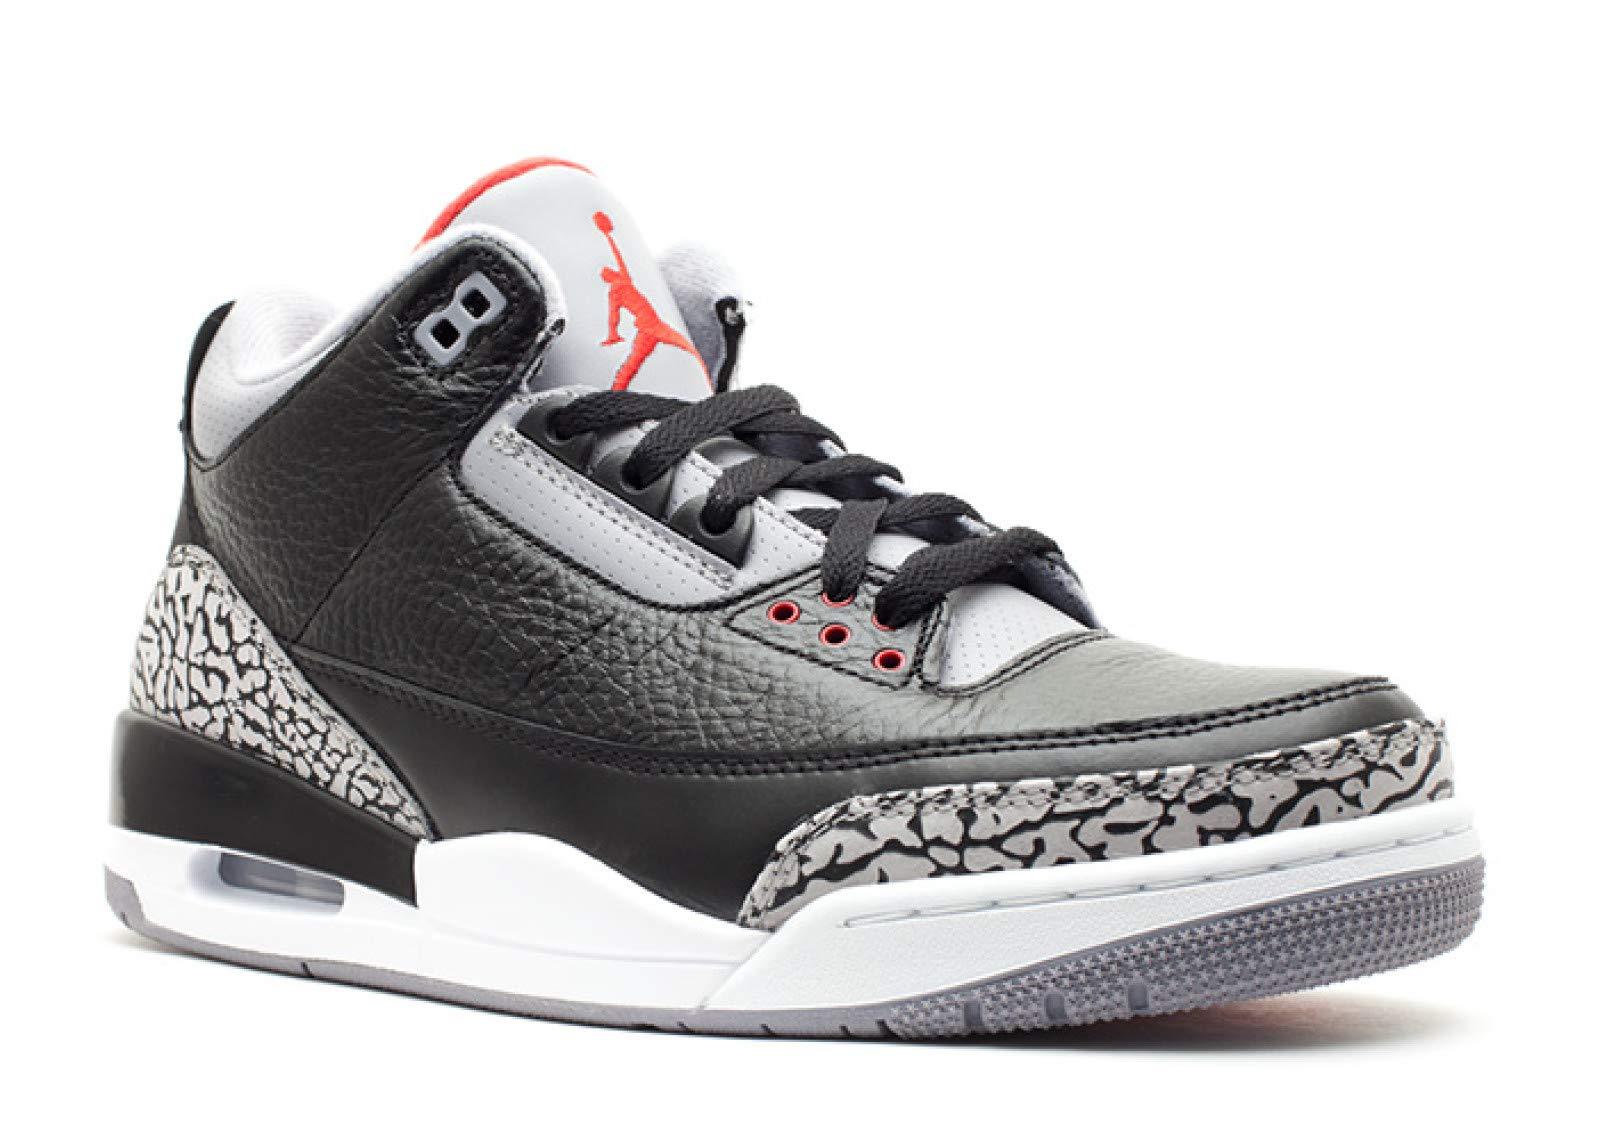 best authentic 490c4 af999 AIR Jordan 3 Retro '2011 Release Black Cement' - 136064-010 - Size 12